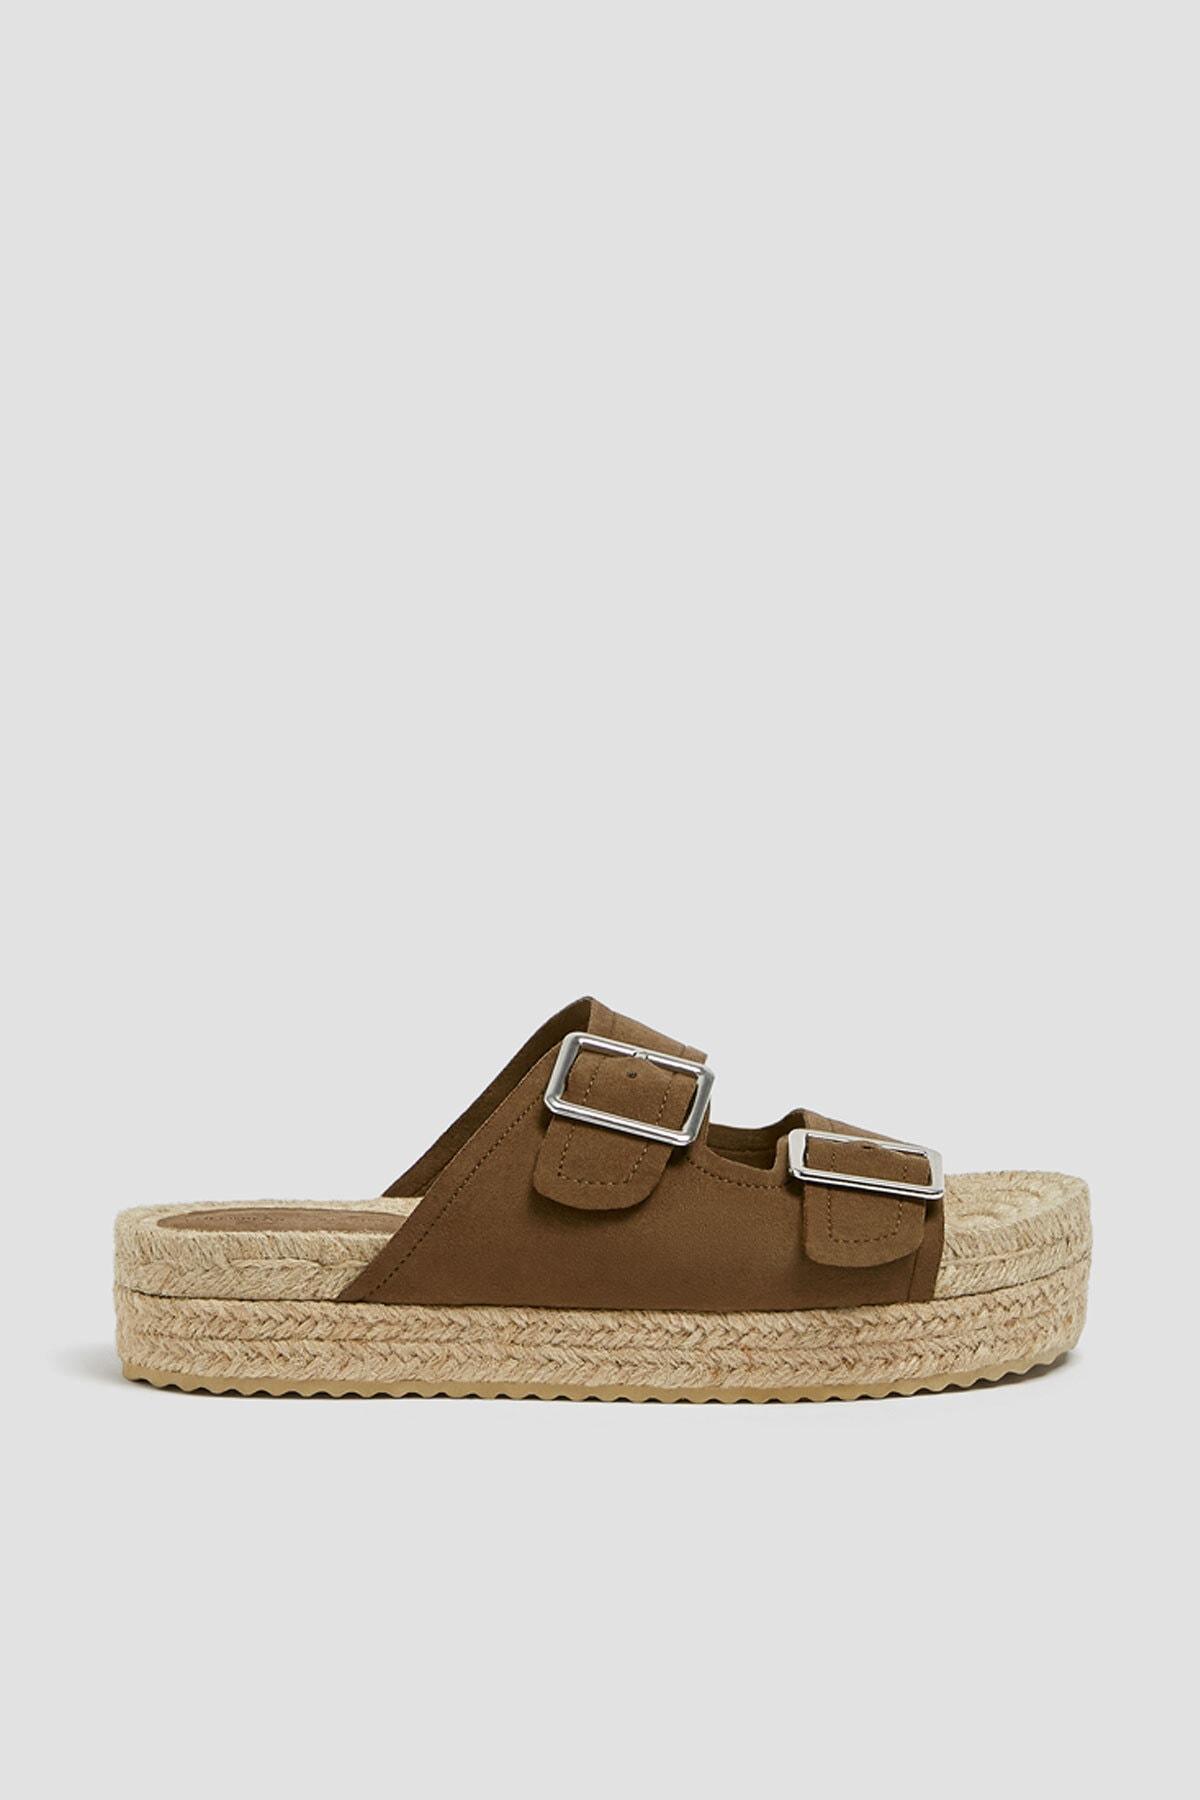 Pull & Bear Kadın Haki Tokalı Jüt Tabanlı Sandalet 11662540 1